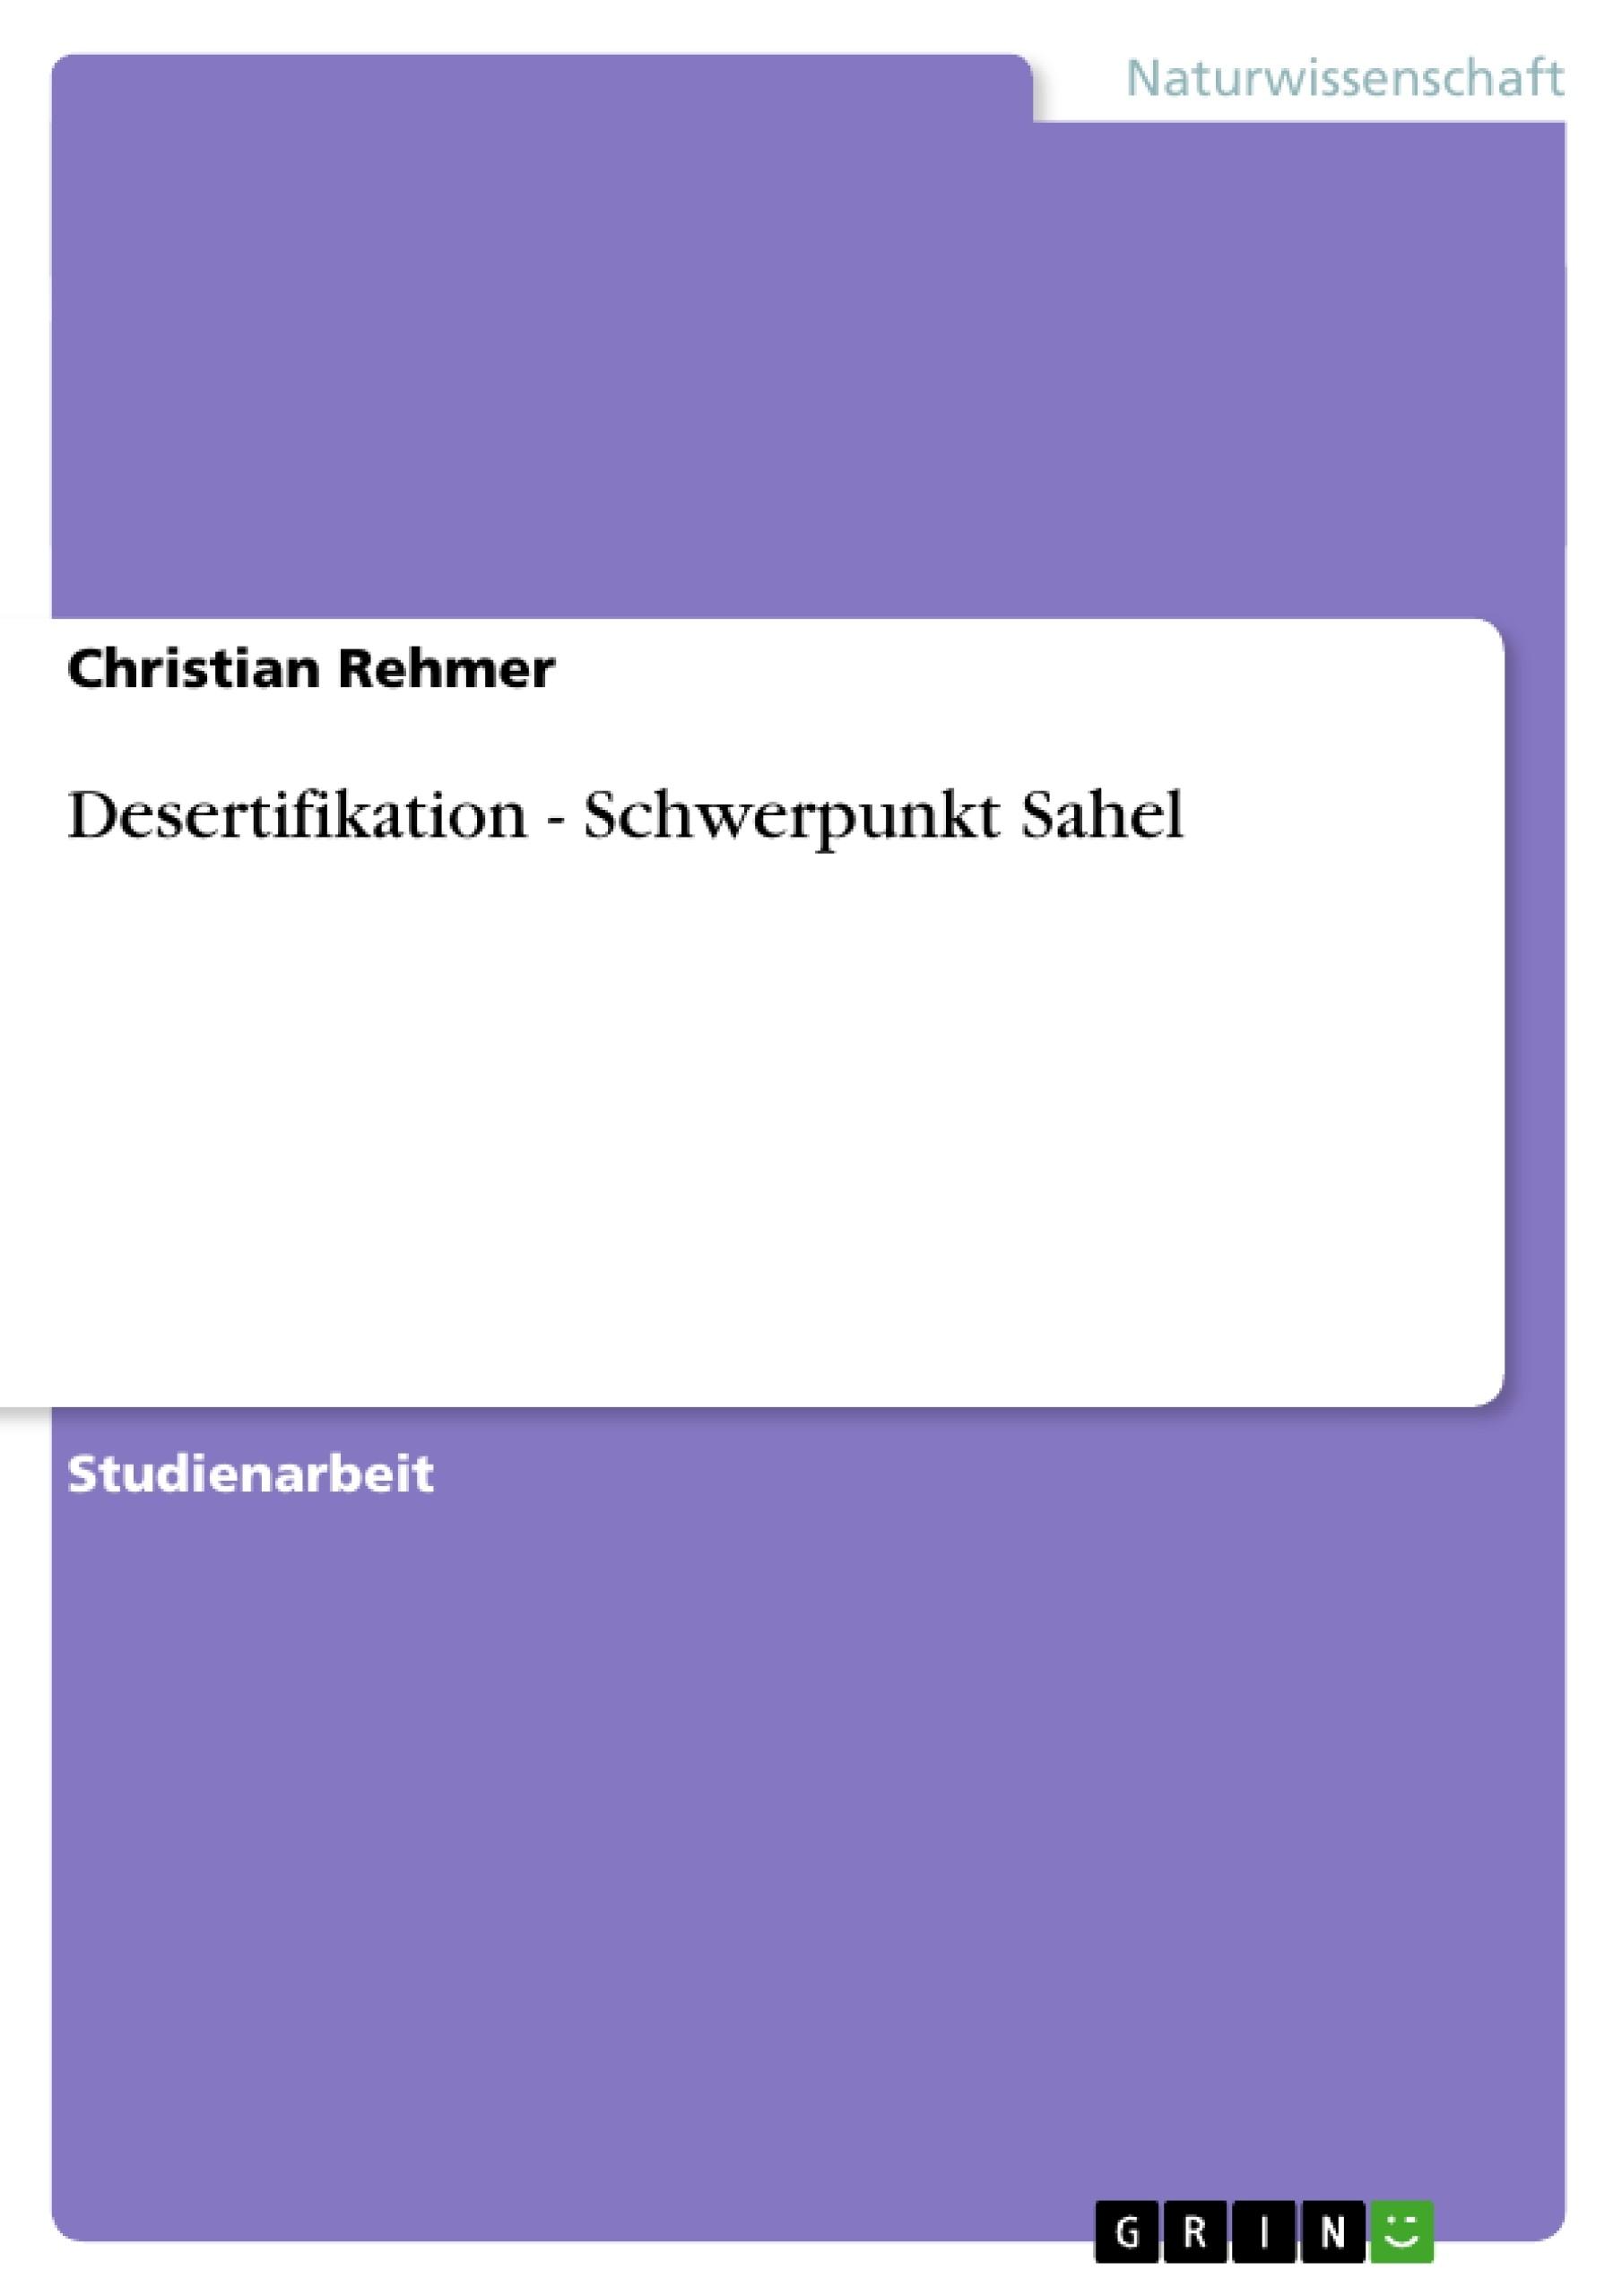 Titel: Desertifikation - Schwerpunkt Sahel